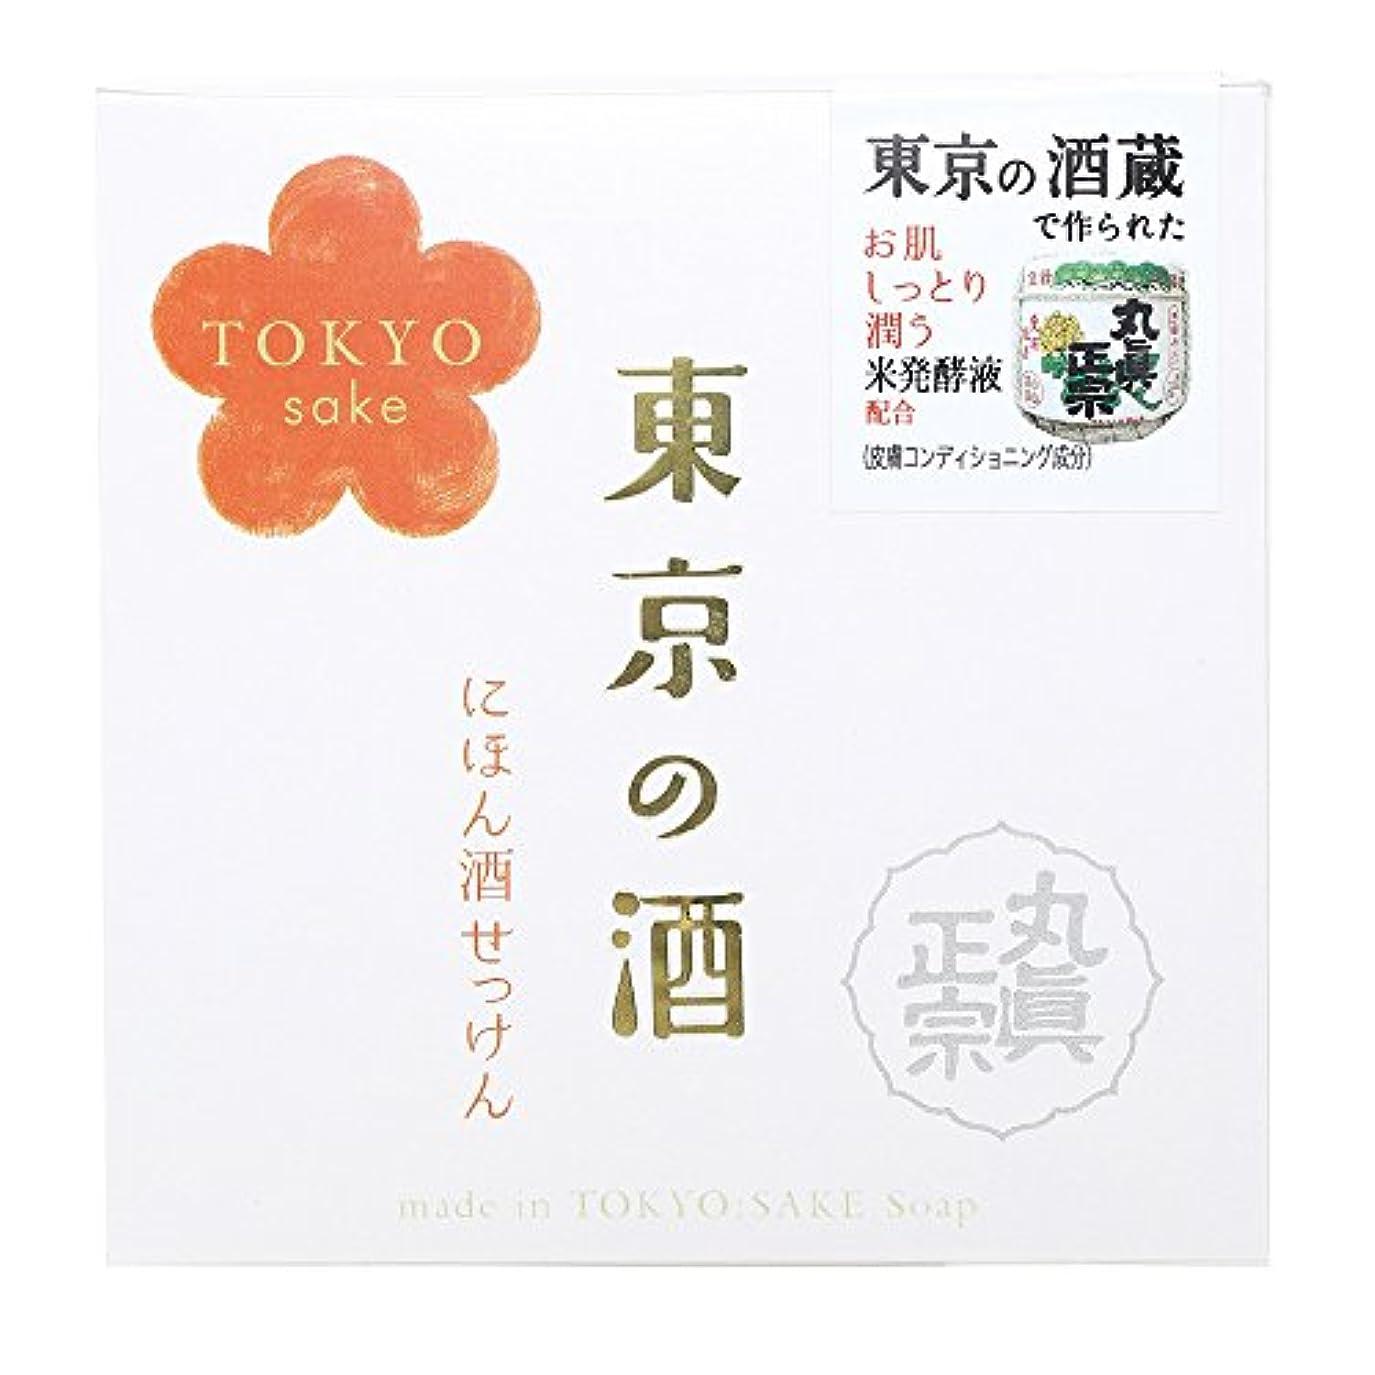 パイコンピューターおしゃれじゃないノルコーポレーション 東京の酒 石けん OB-TKY-1-1 100g